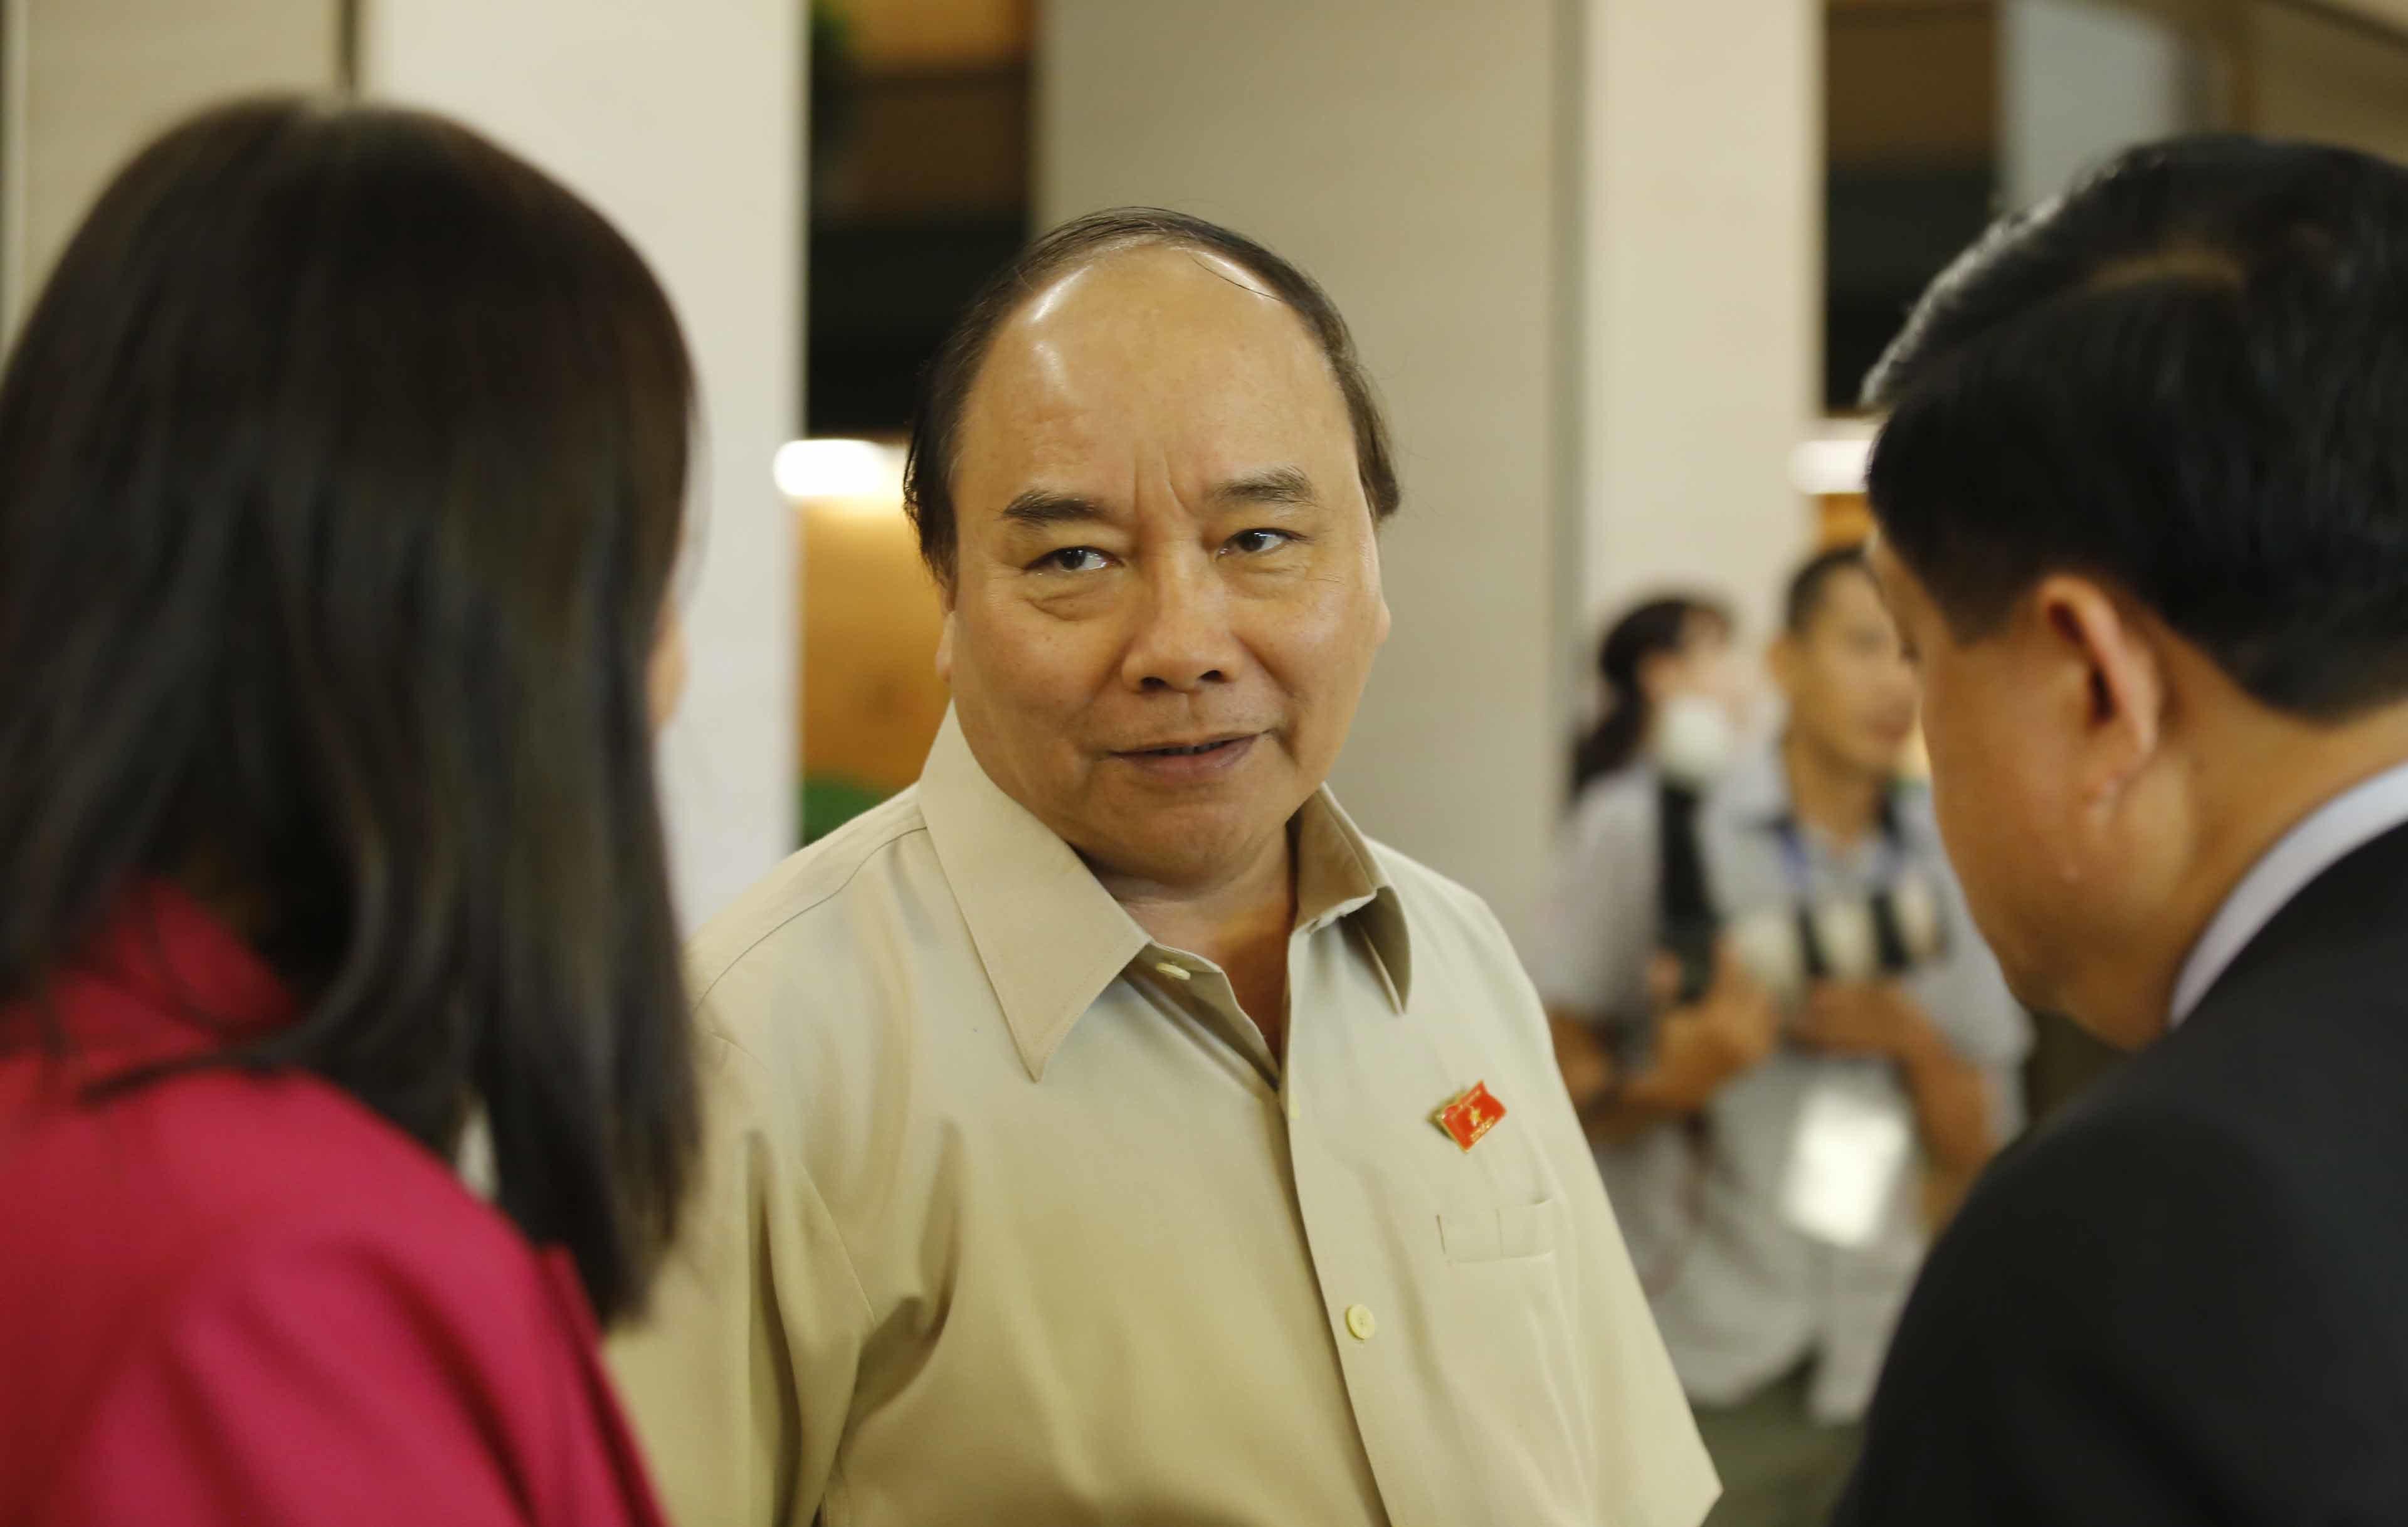 Thủ tướng,Nguyễn Xuân Phúc,Đặc khu,luật đặc khu,Vân Đồn,Phú Quốc